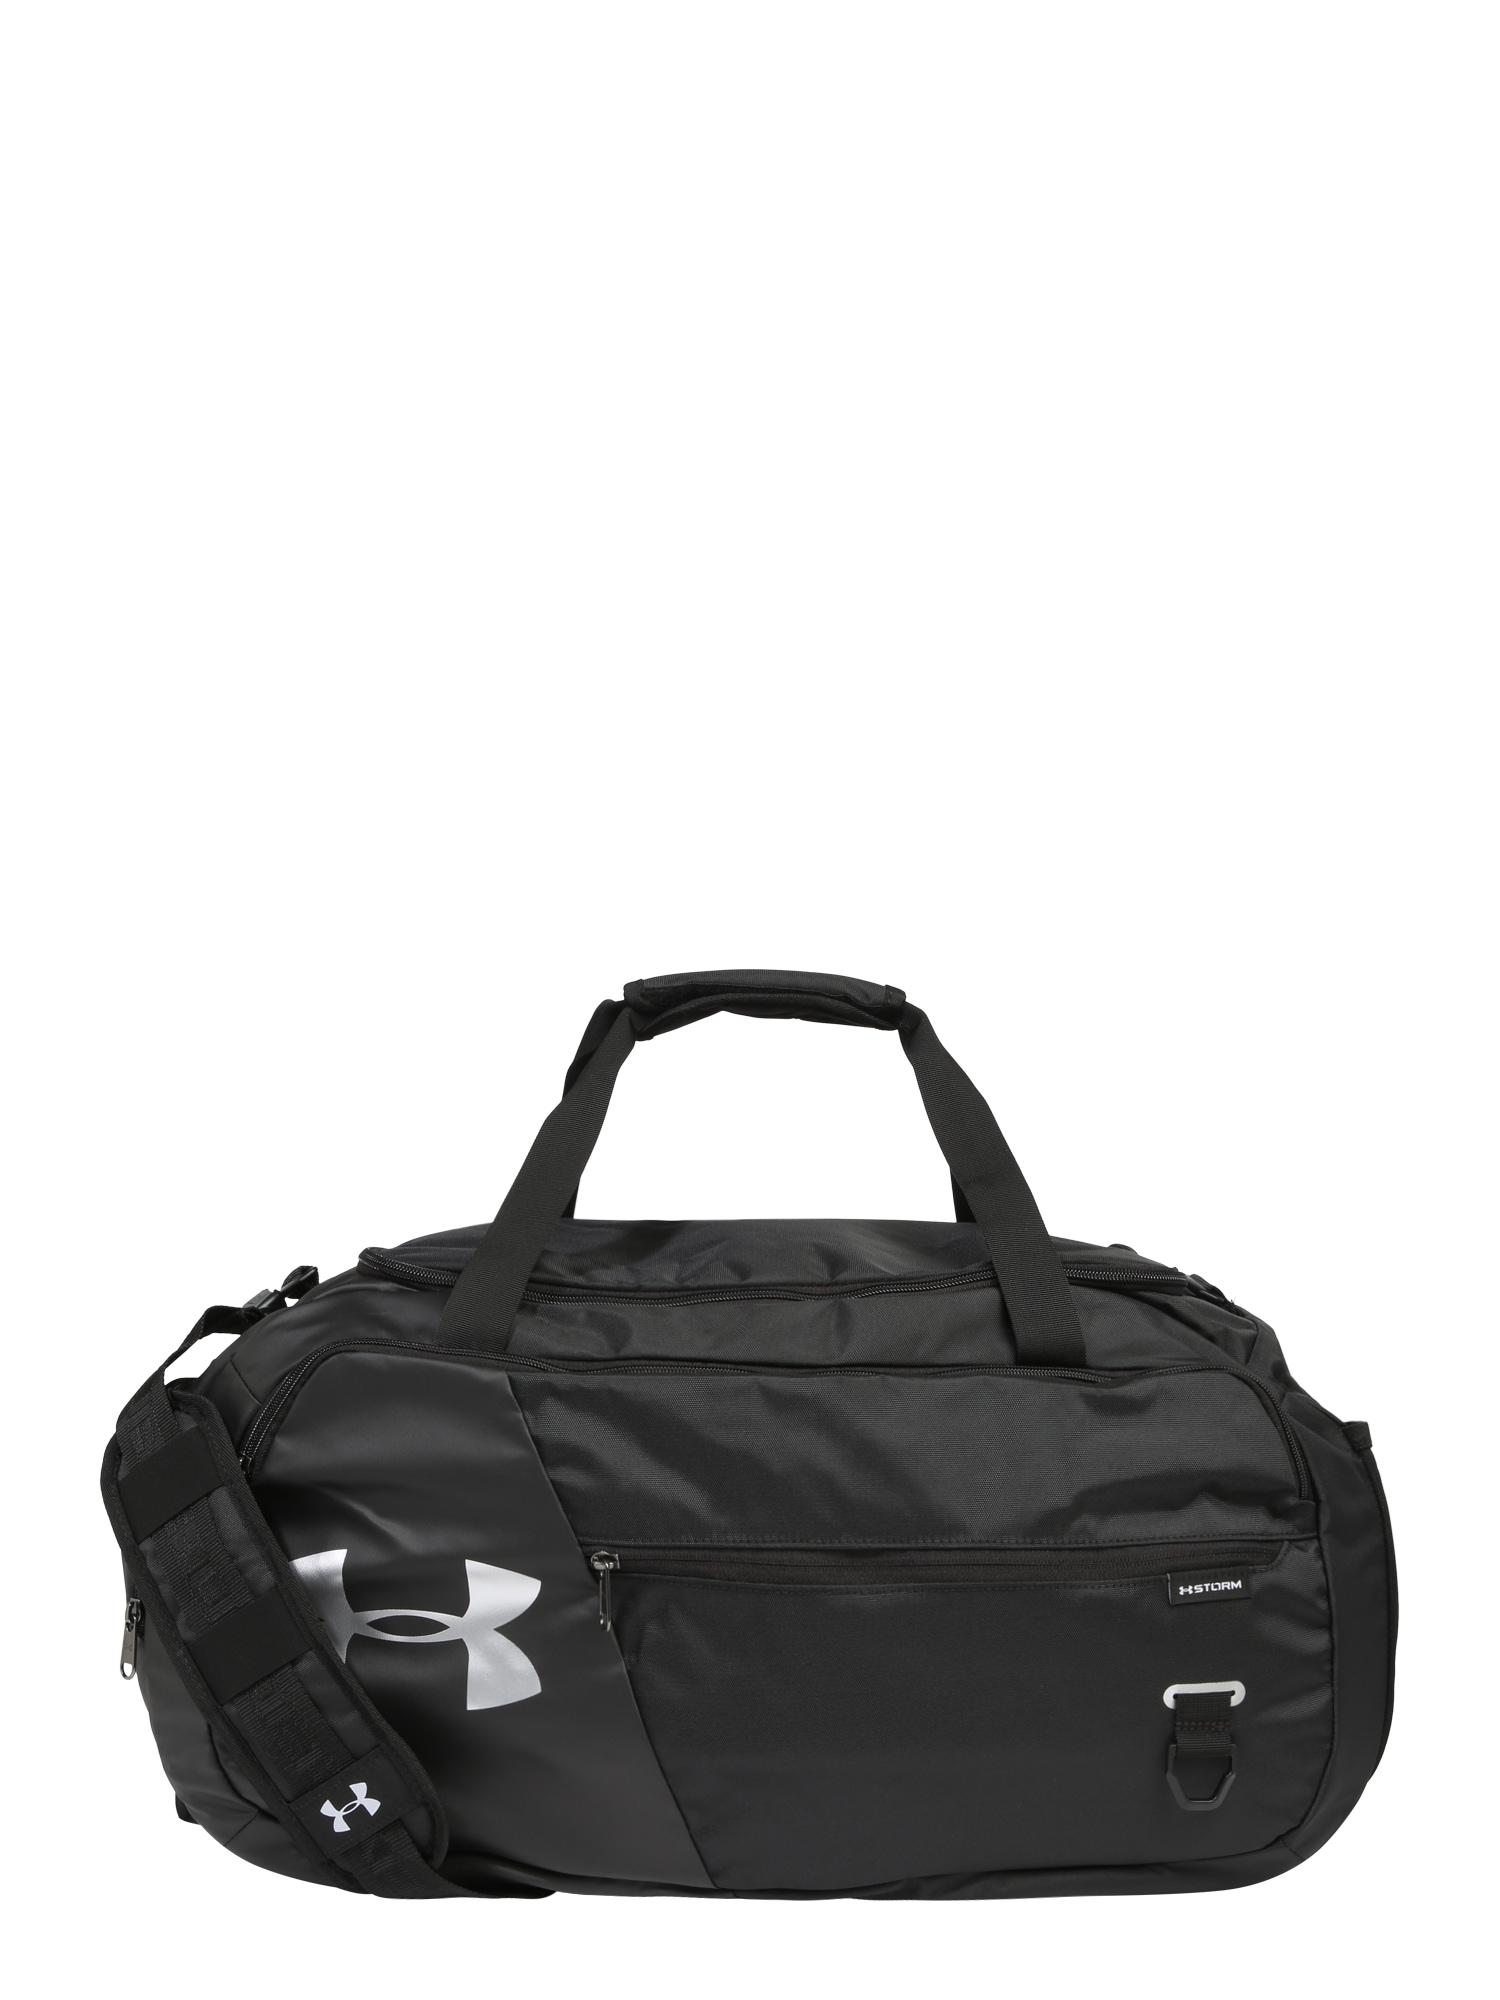 UNDER ARMOUR Sportinis krepšys 'Undeniable Duffel 4.0 MD' juoda